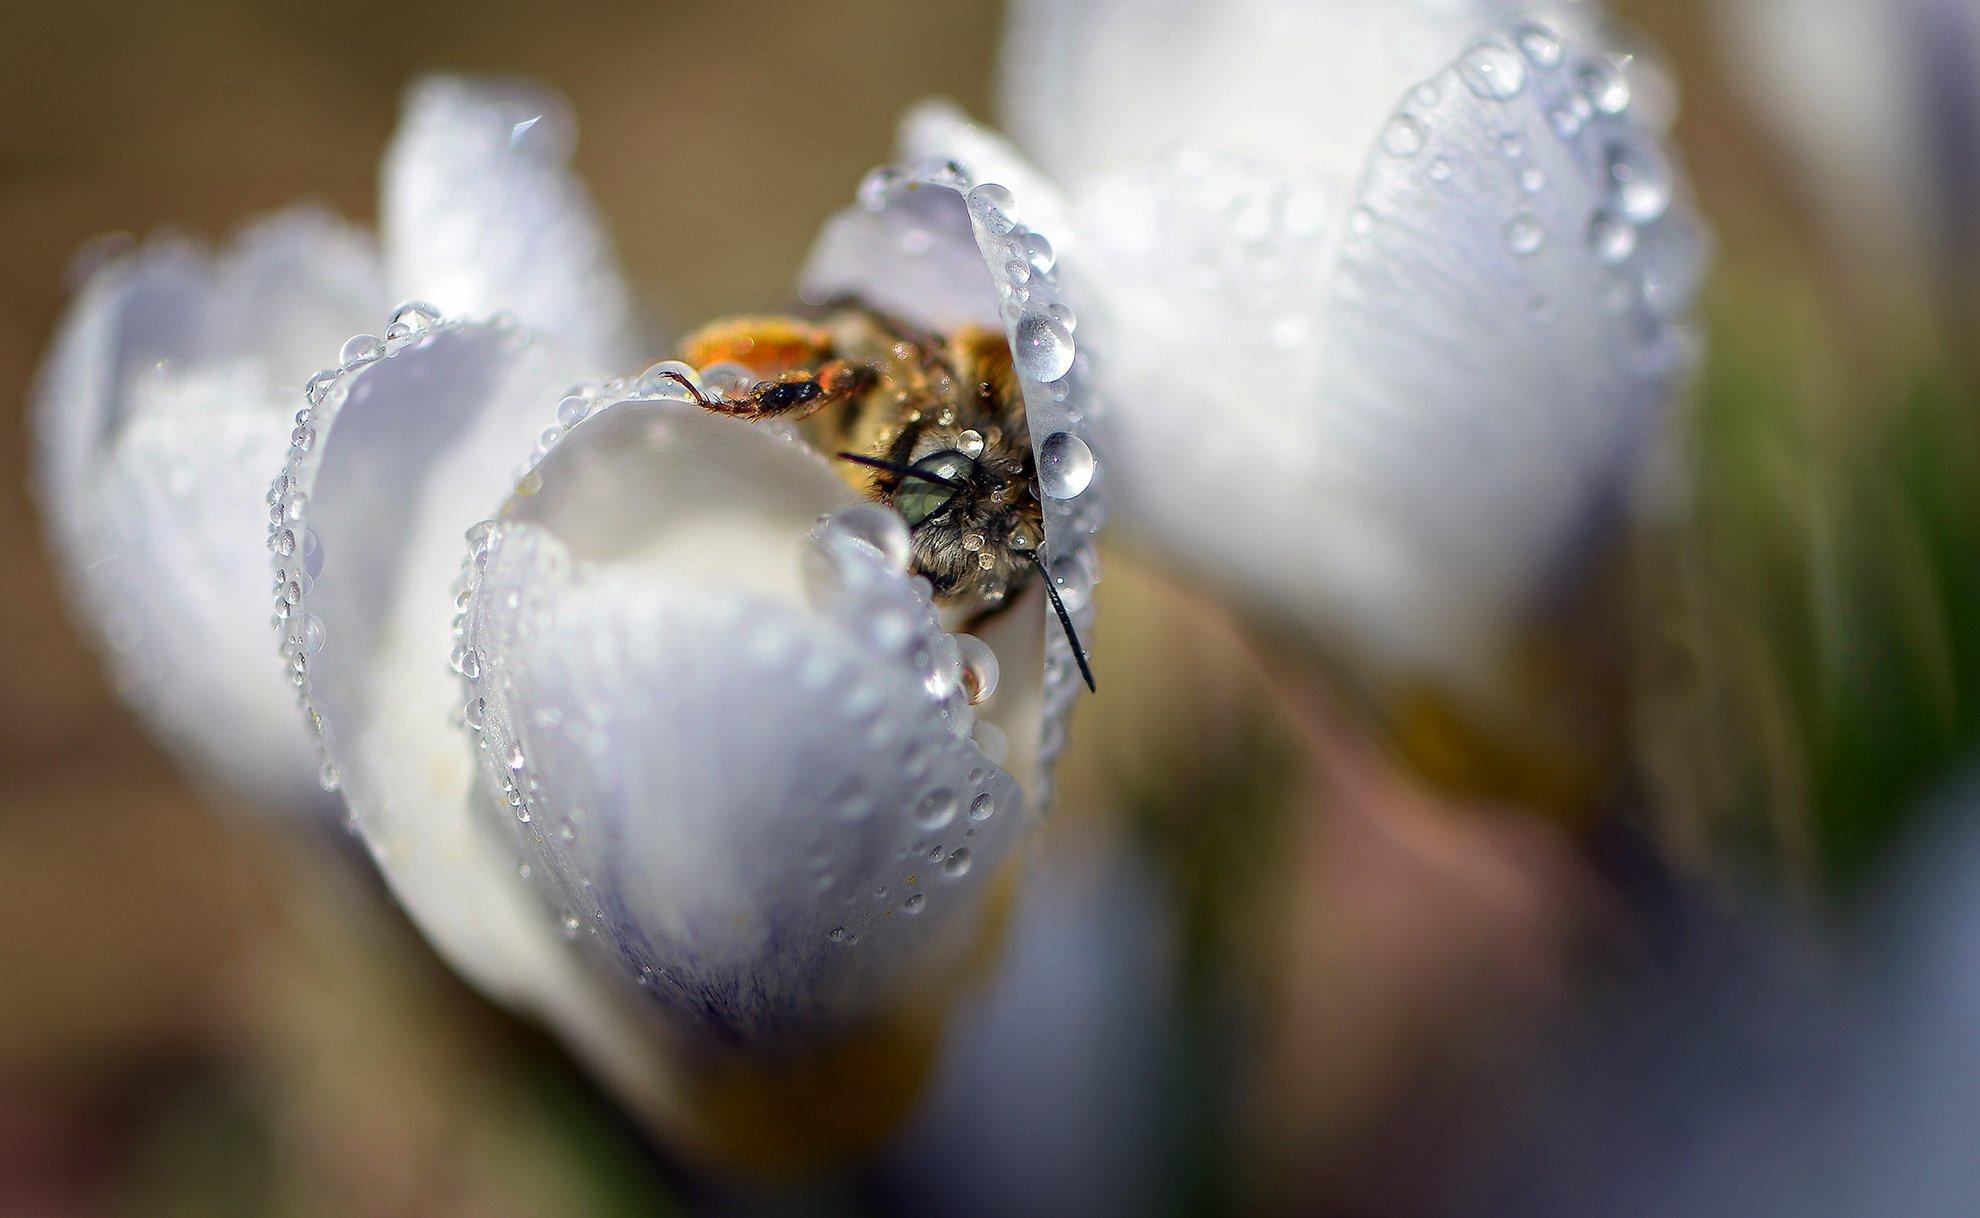 природа, макро, весна, цветы, крокус, капли дождя, насекомое, пчела, Неля Рачкова